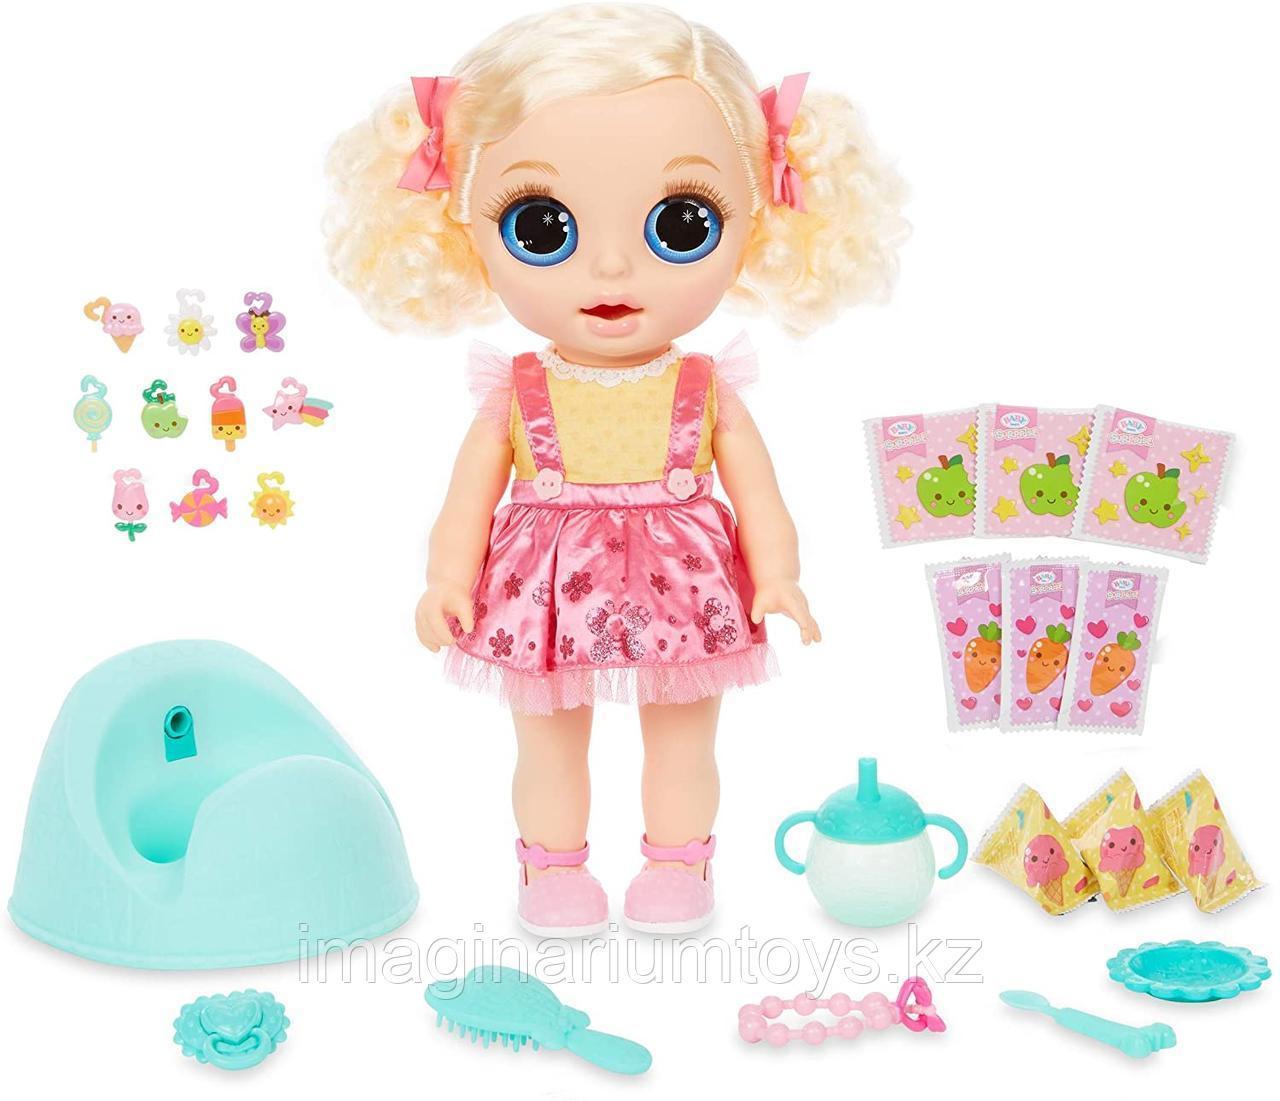 Кукла Baby Born Surprise Magic Potty 30+ сюрпризов - фото 1